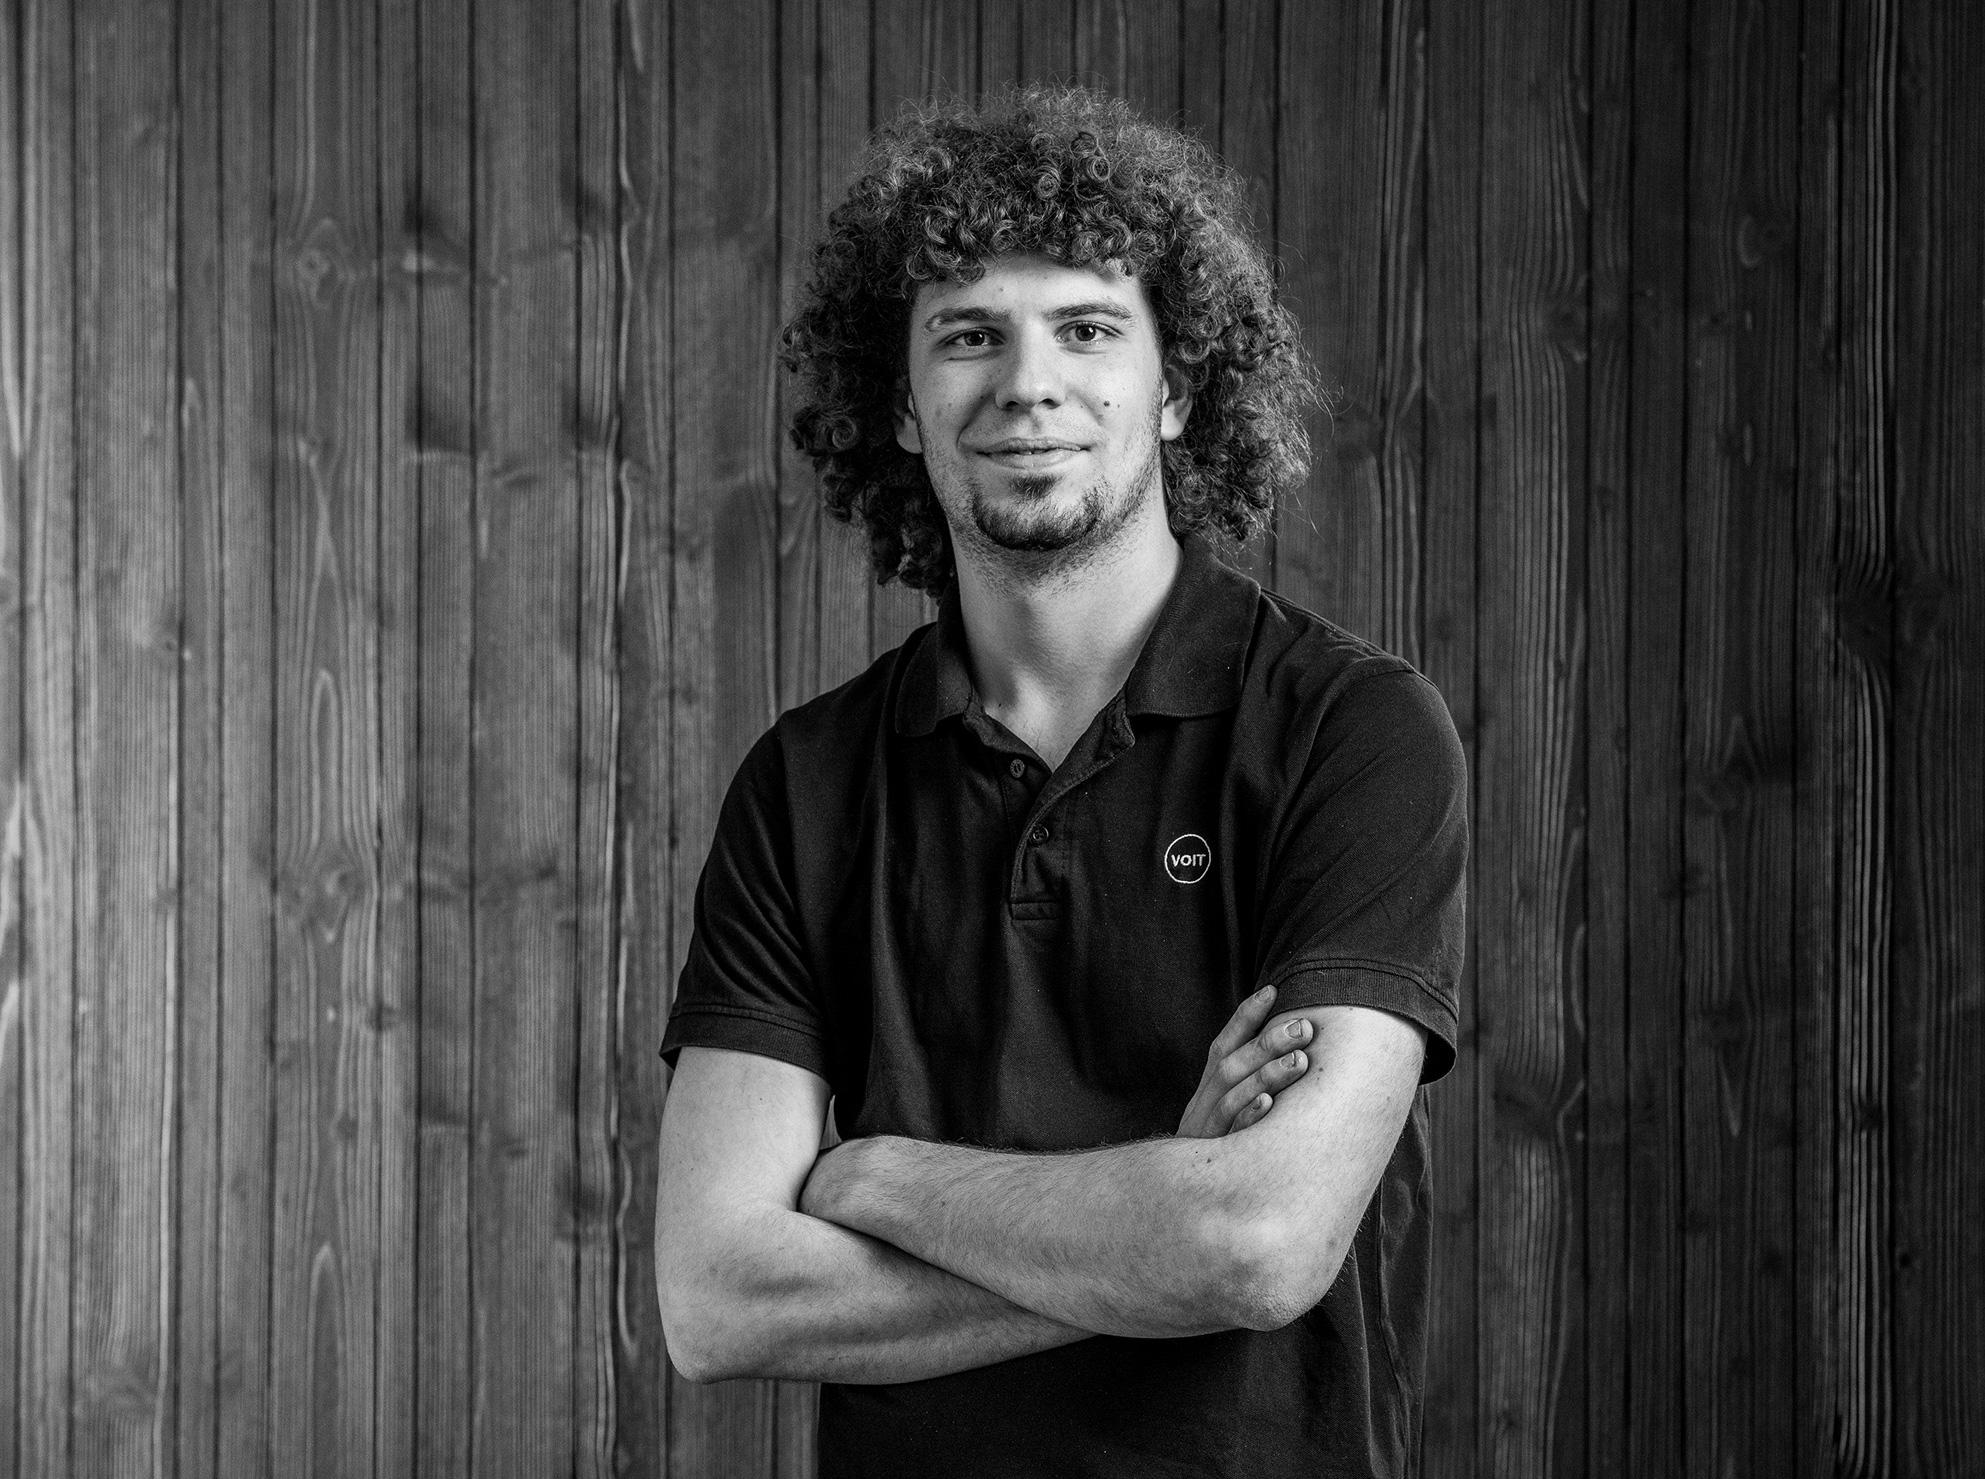 Portrait von Maxi Payenberg - Schreiner - Schwarz-weiß Bild